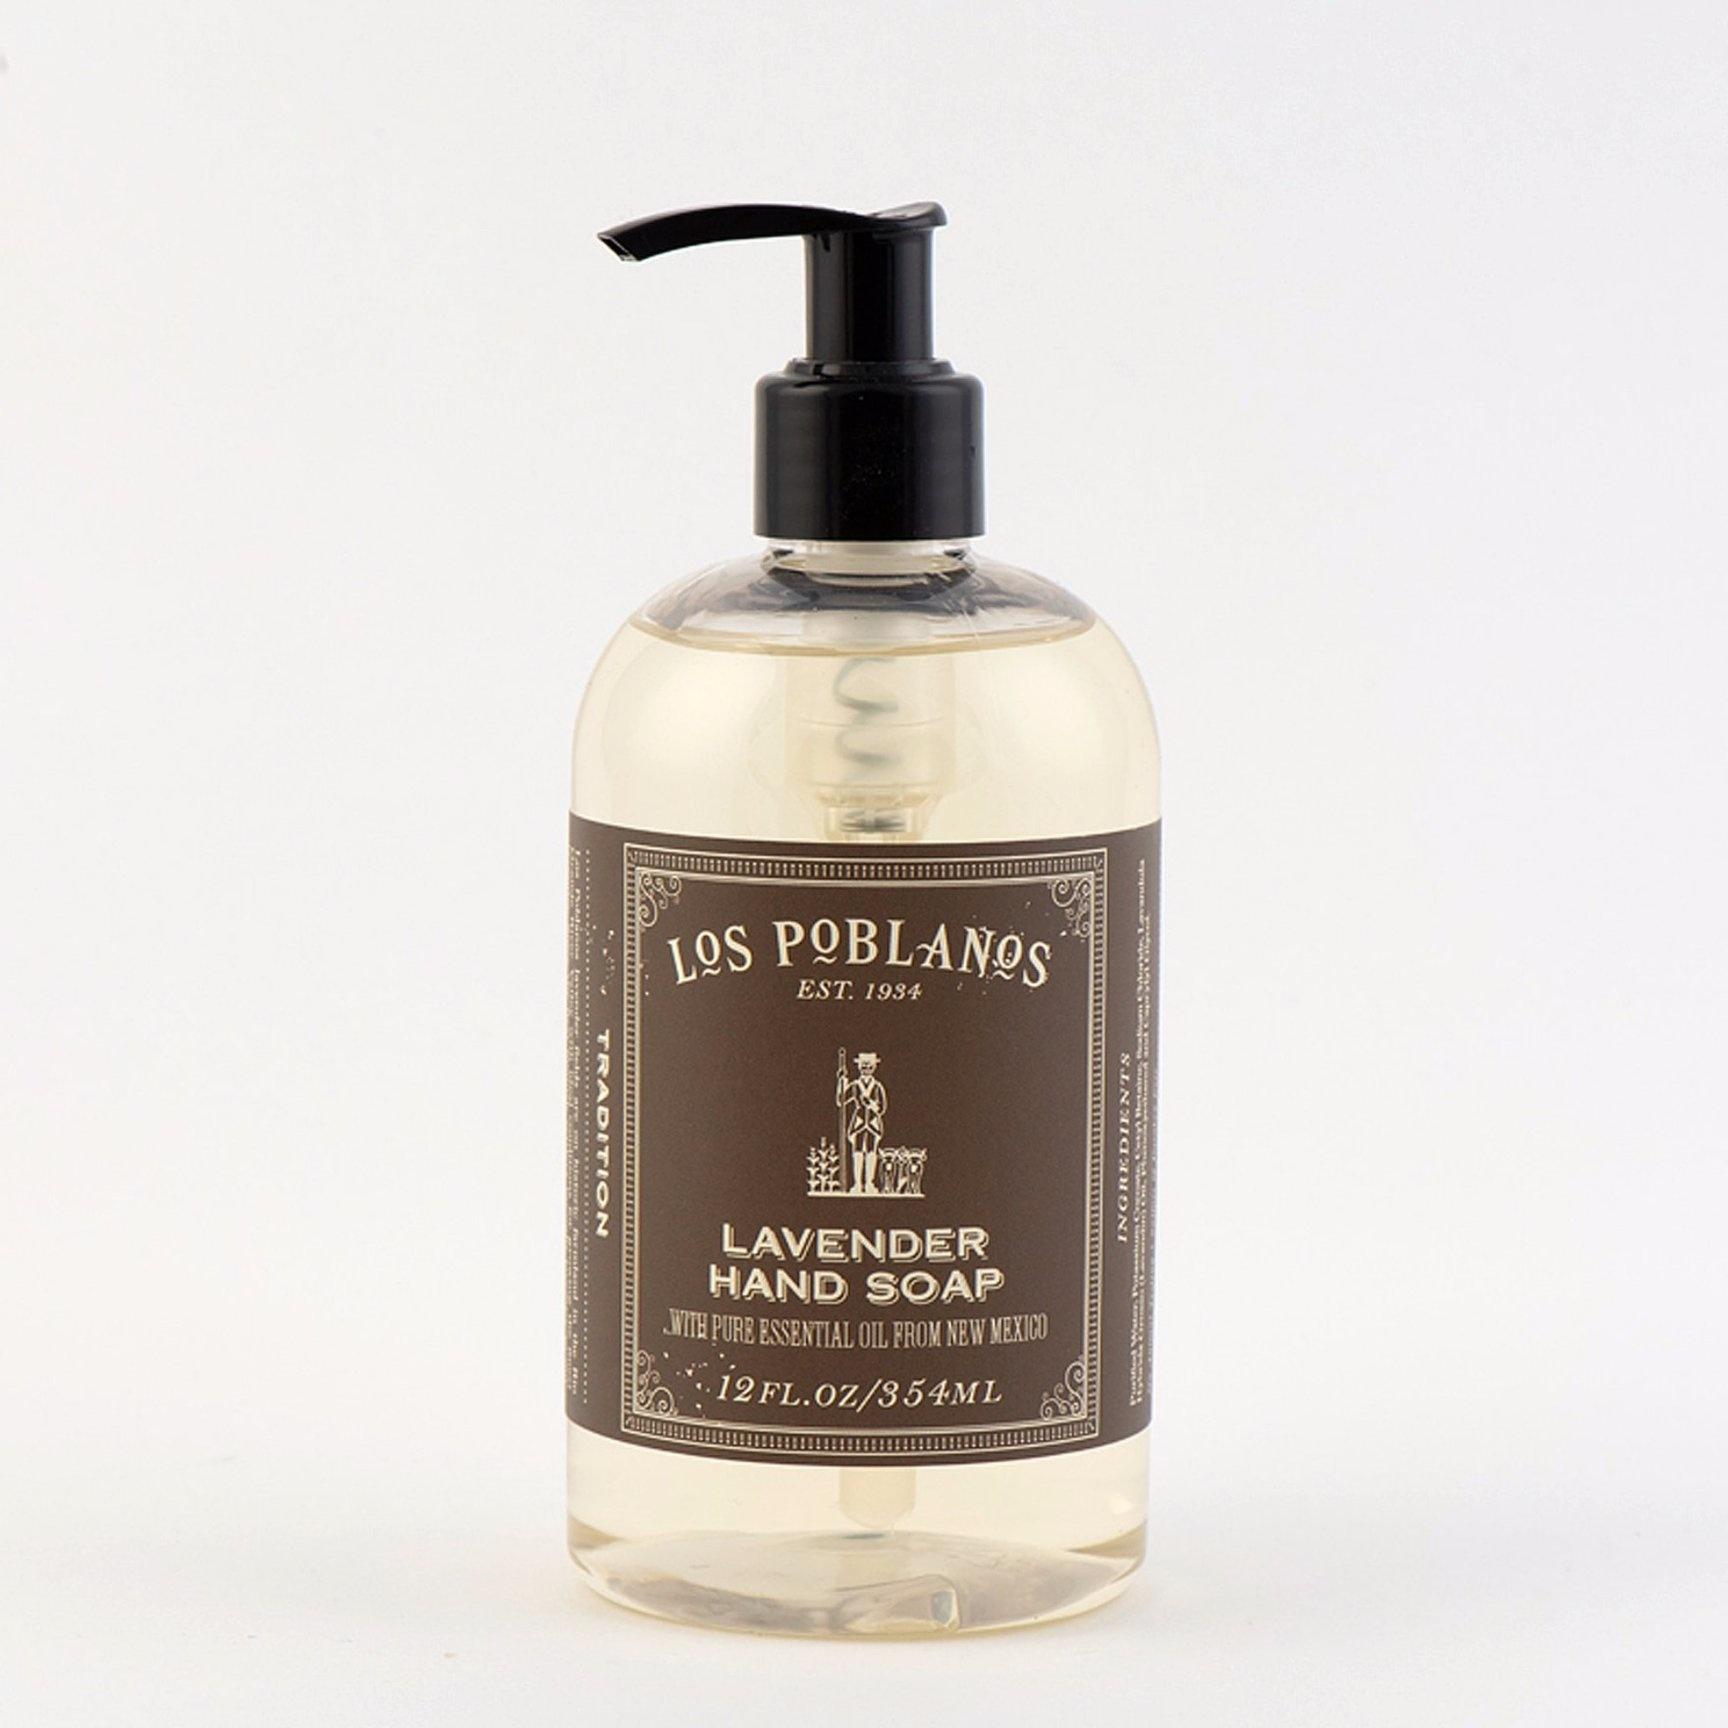 Los Poblanos Lavender Liquid Hand Soap 12oz